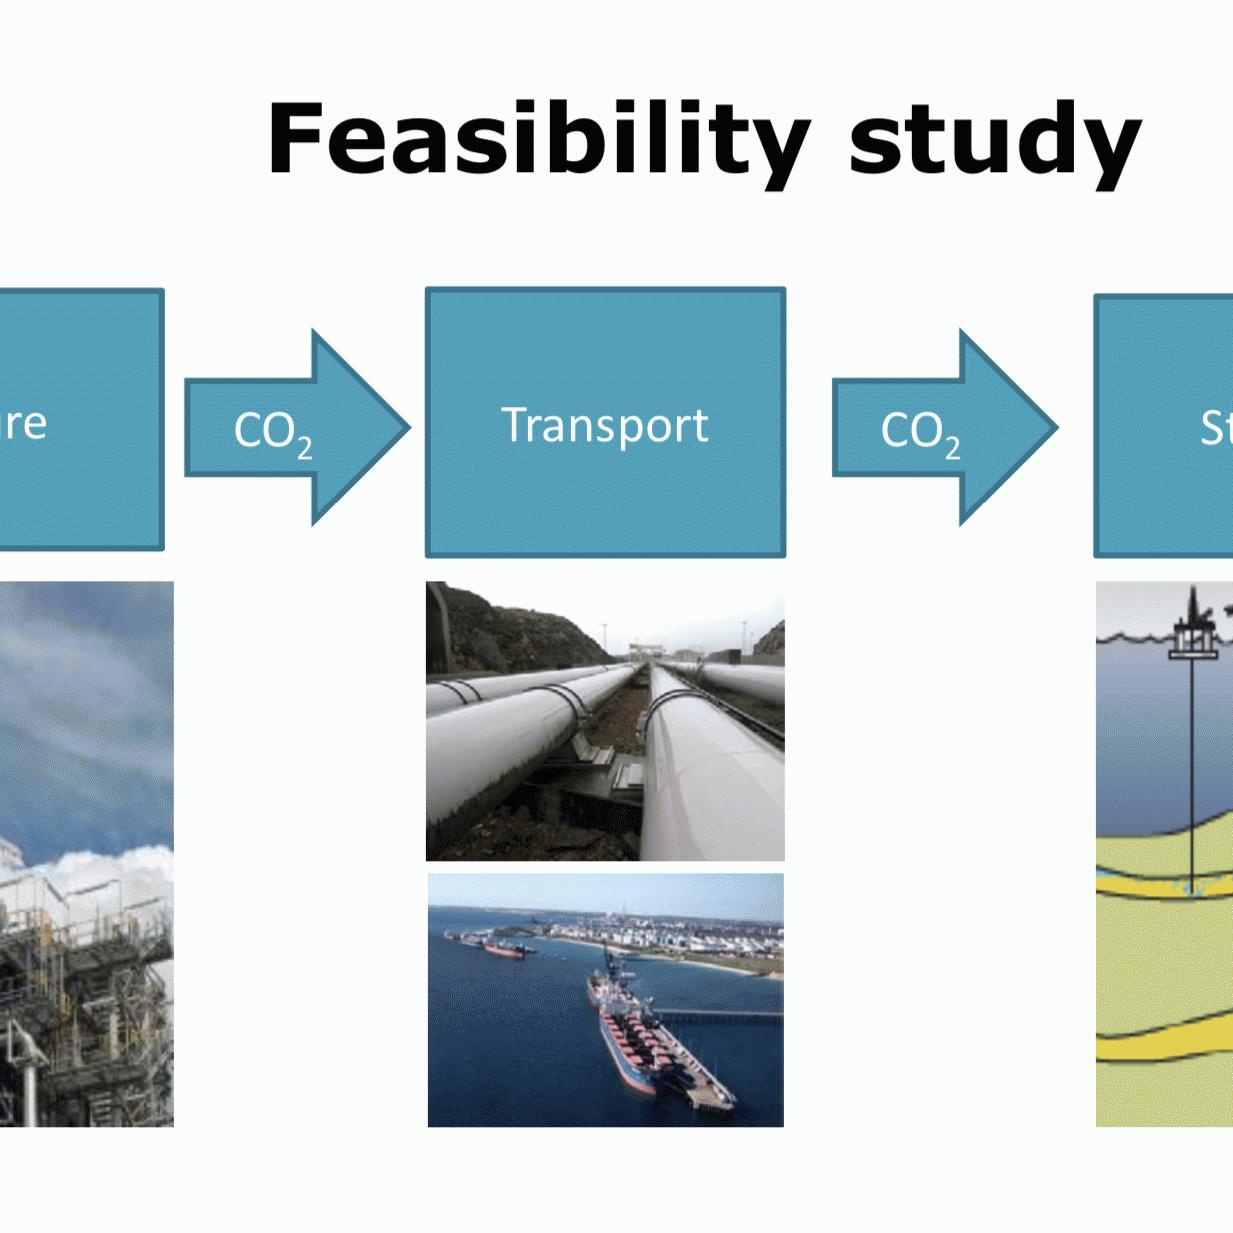 セメントメジャー【ハイデルベルグ】は「2030年までにCO2発生ゼロを目指す」